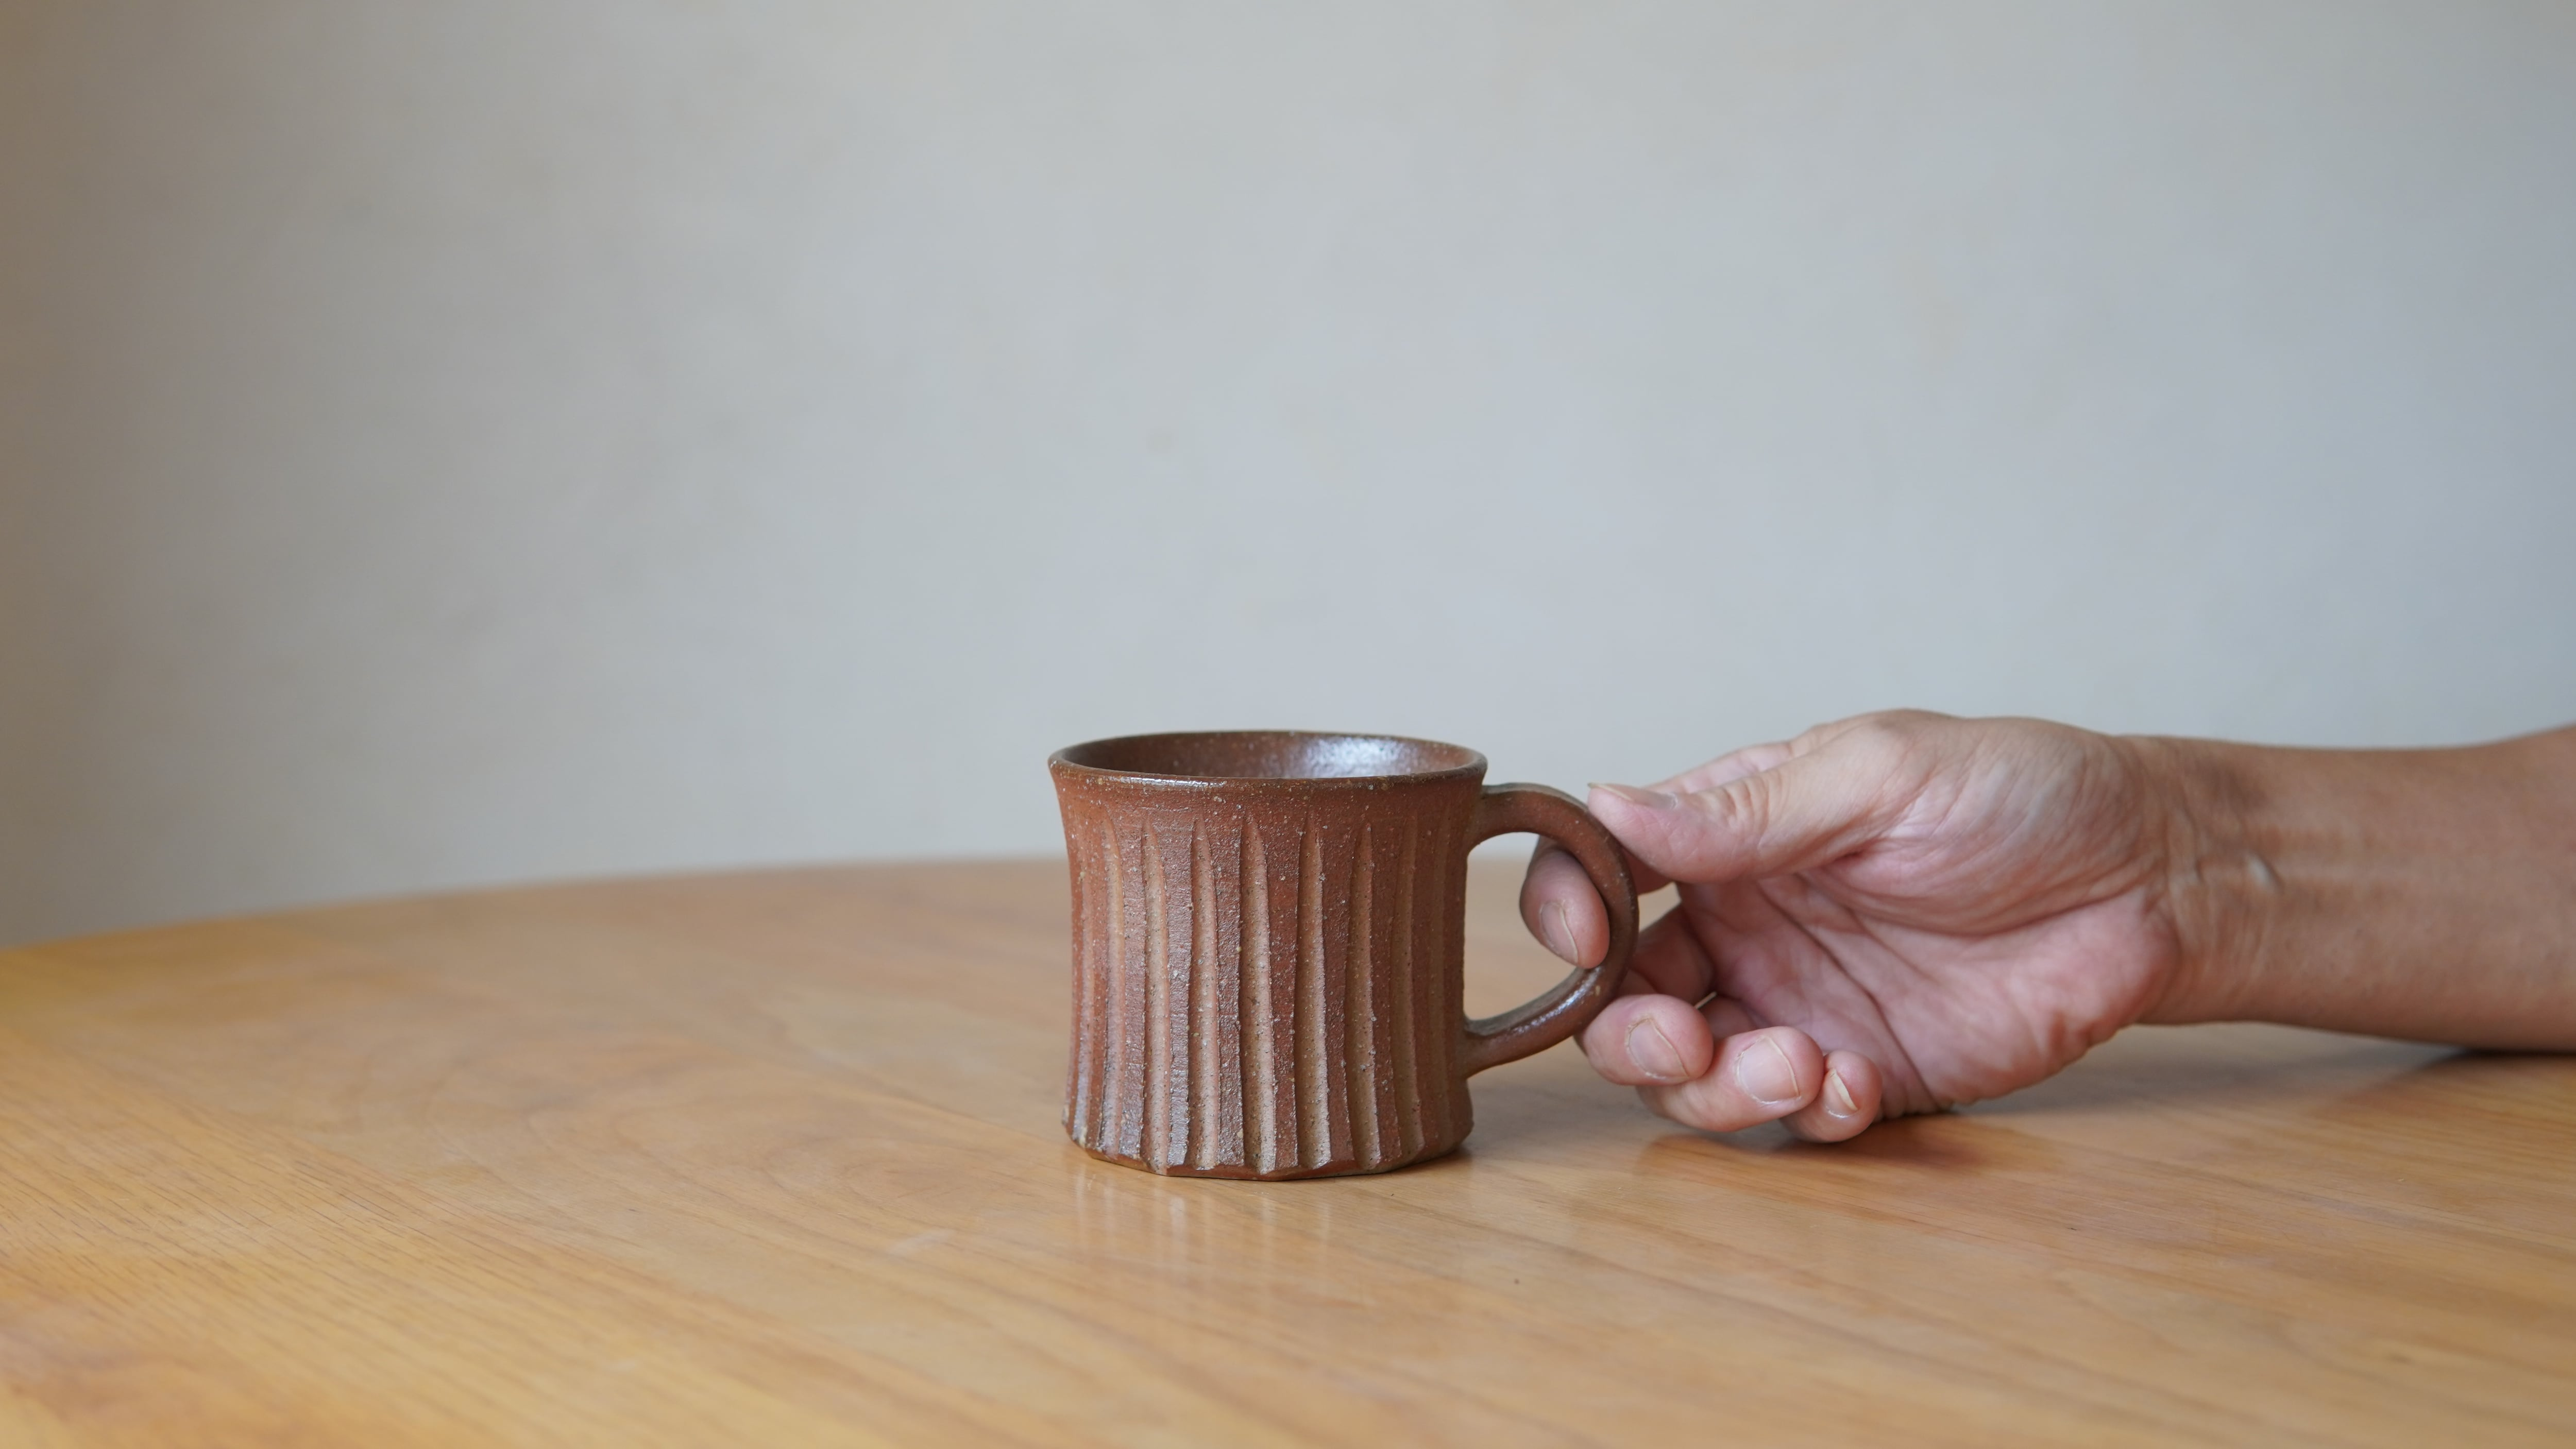 天野智也「備前カヌレマグカップ」(wa-34)